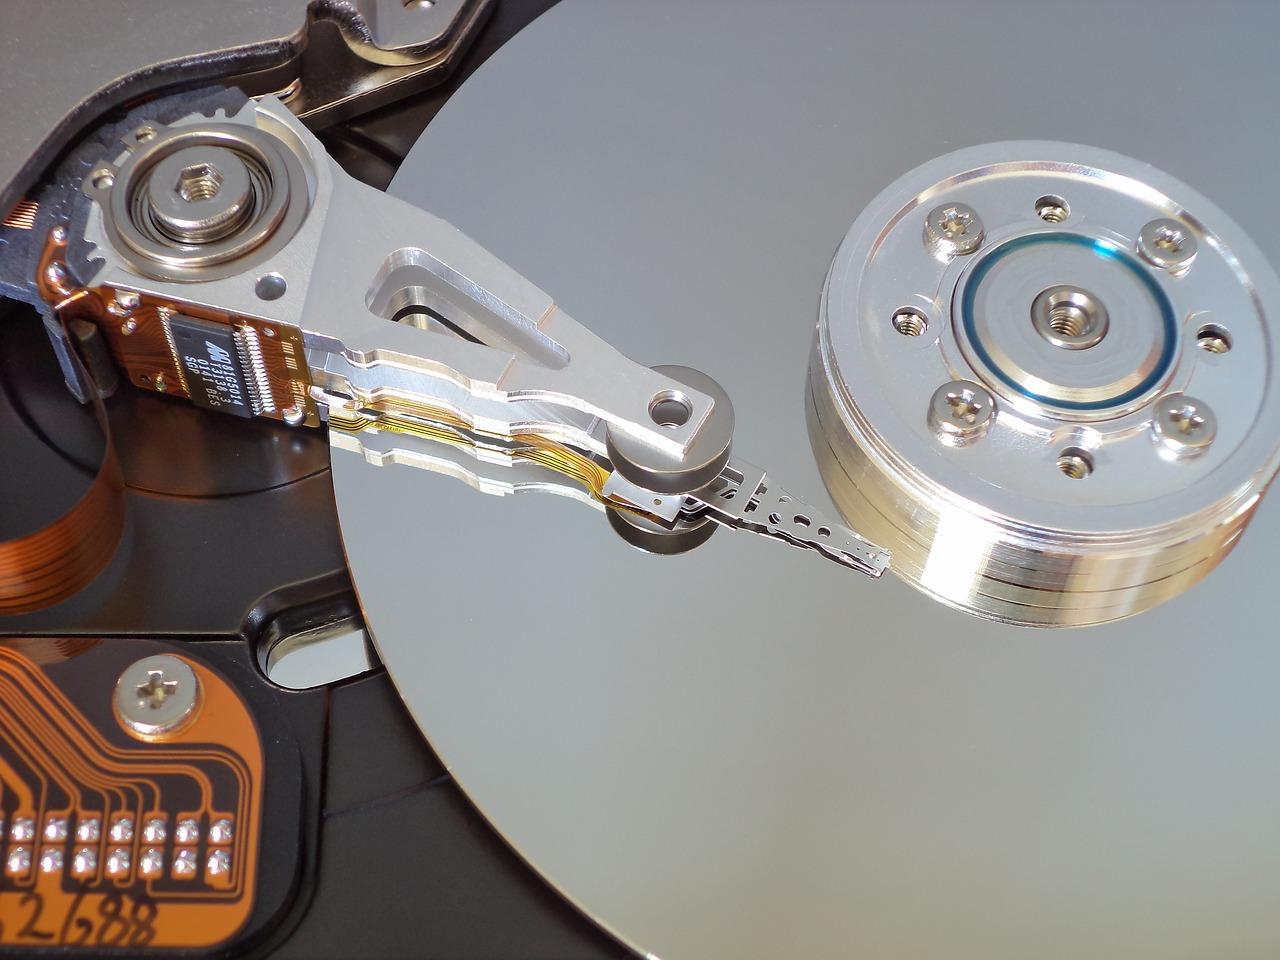 ¿Cómo ha evolucionado el almacenamiento de archivos?